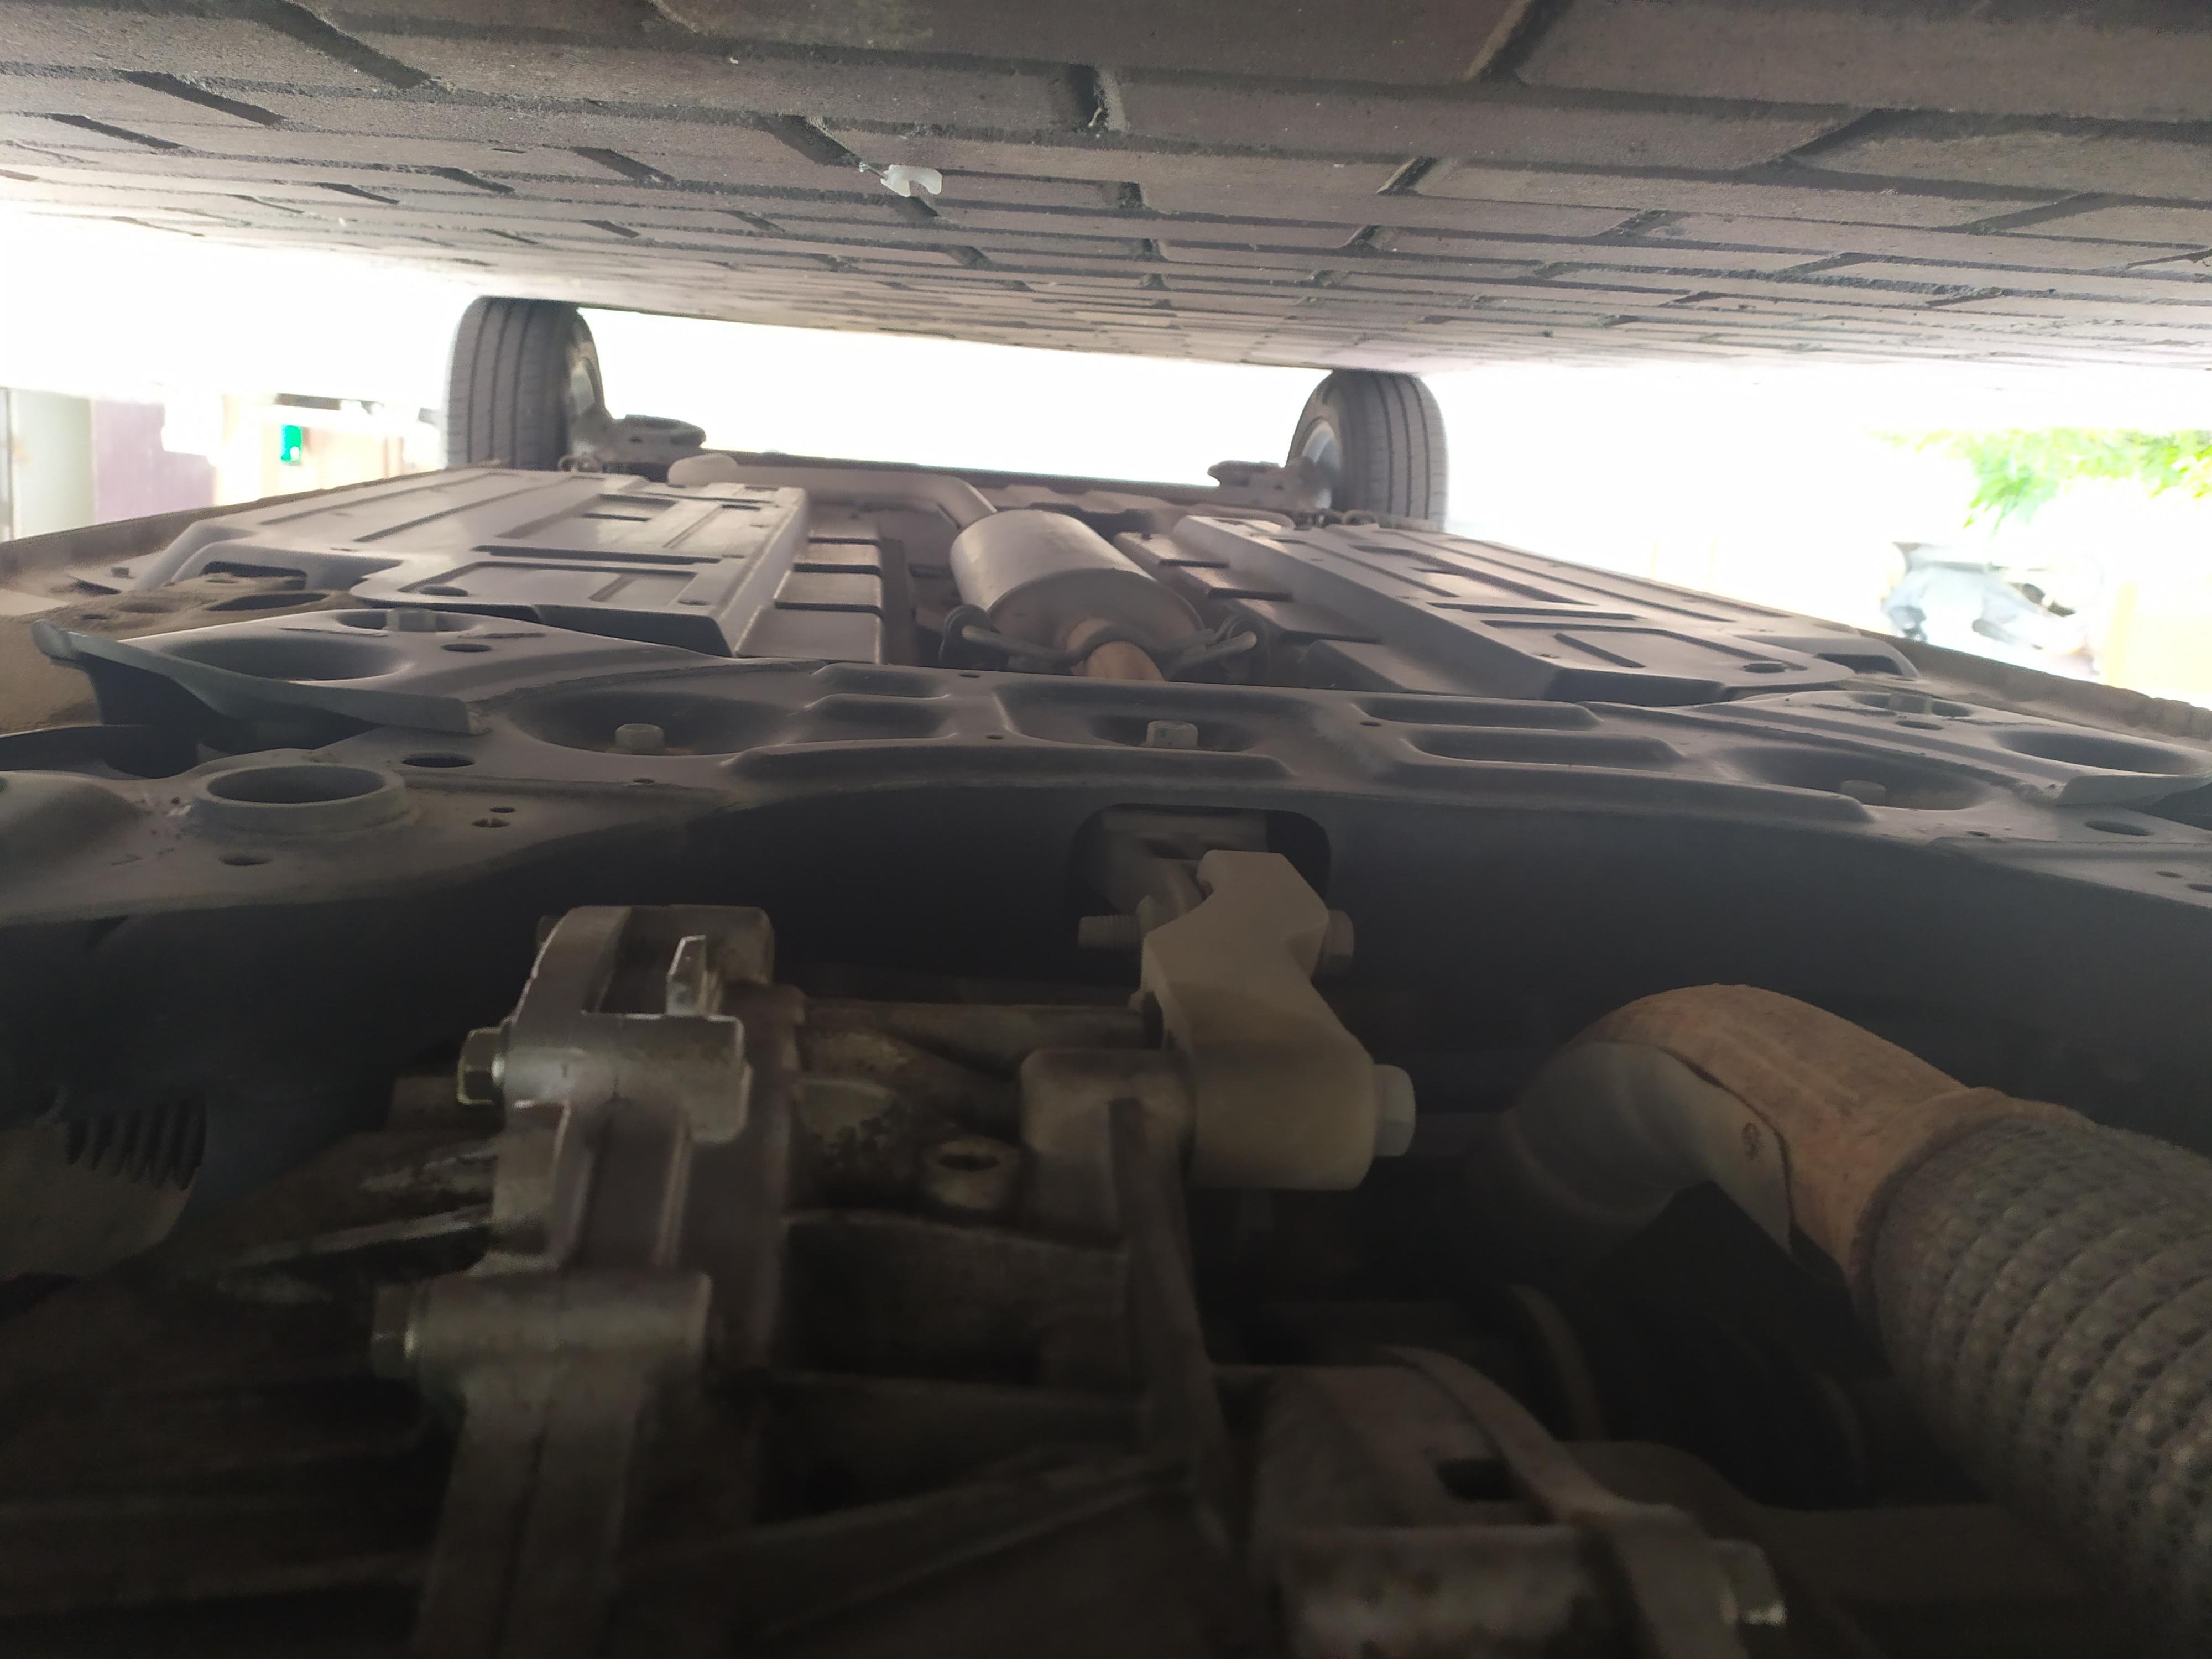 上汽通用五菱-宝骏360 第二次保养的时候发现变速箱漏油